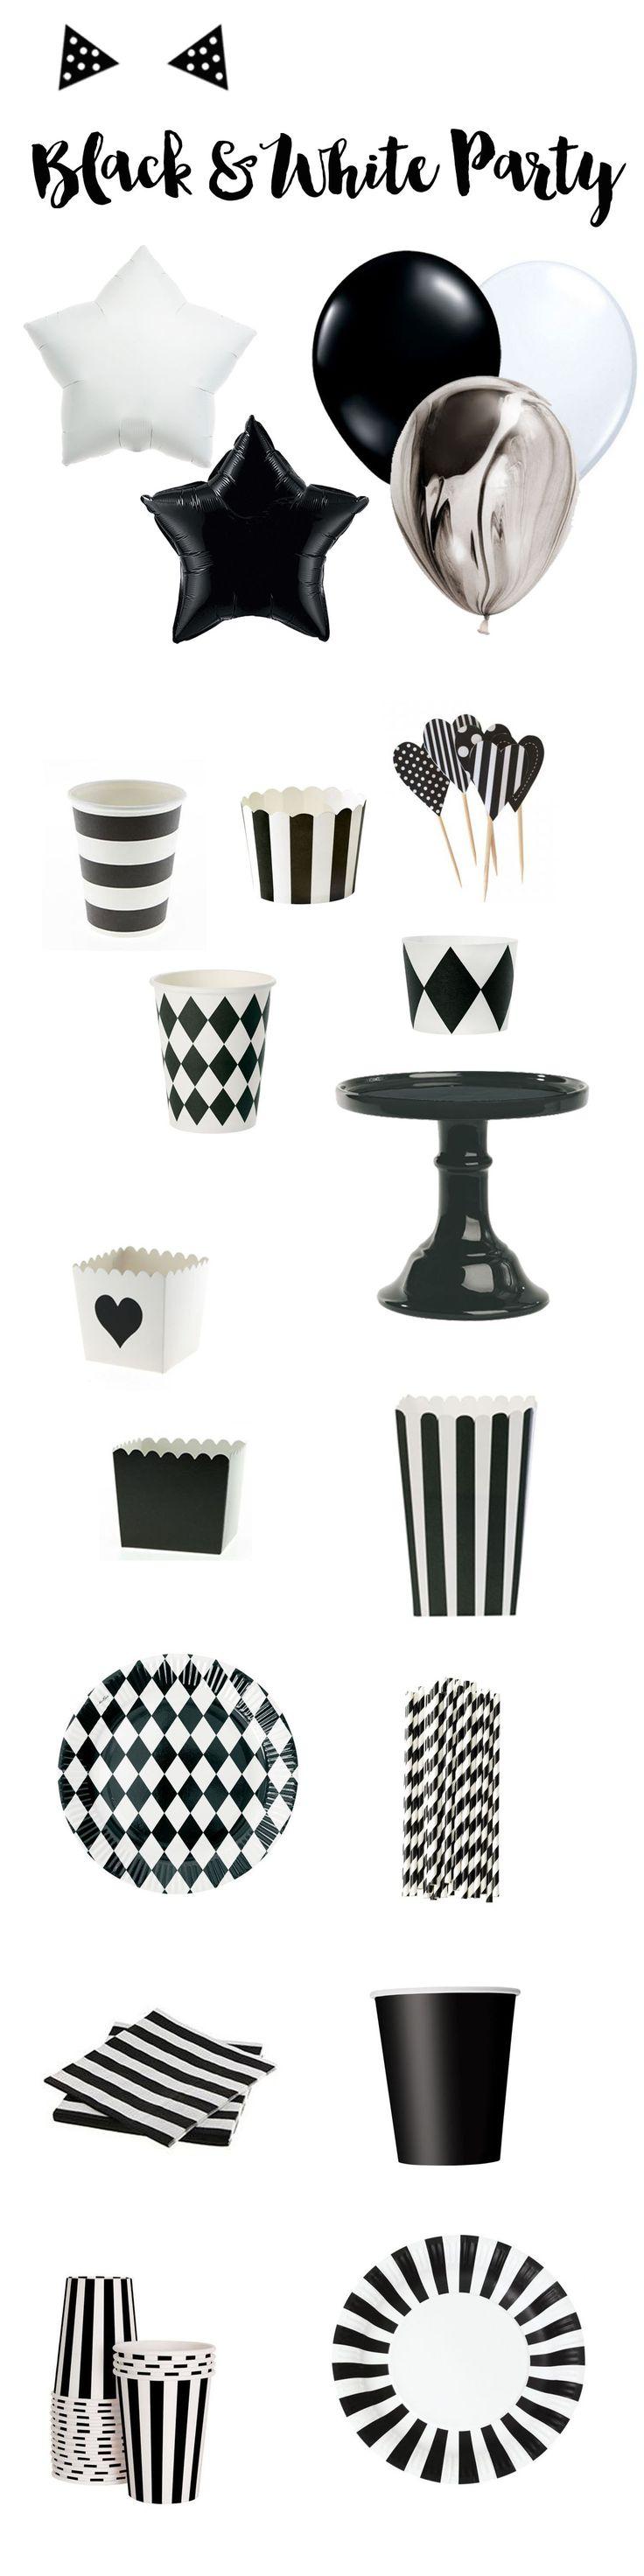 Sélection d articles de fªte et vaisselle de table pour un fªte sur un th¨me